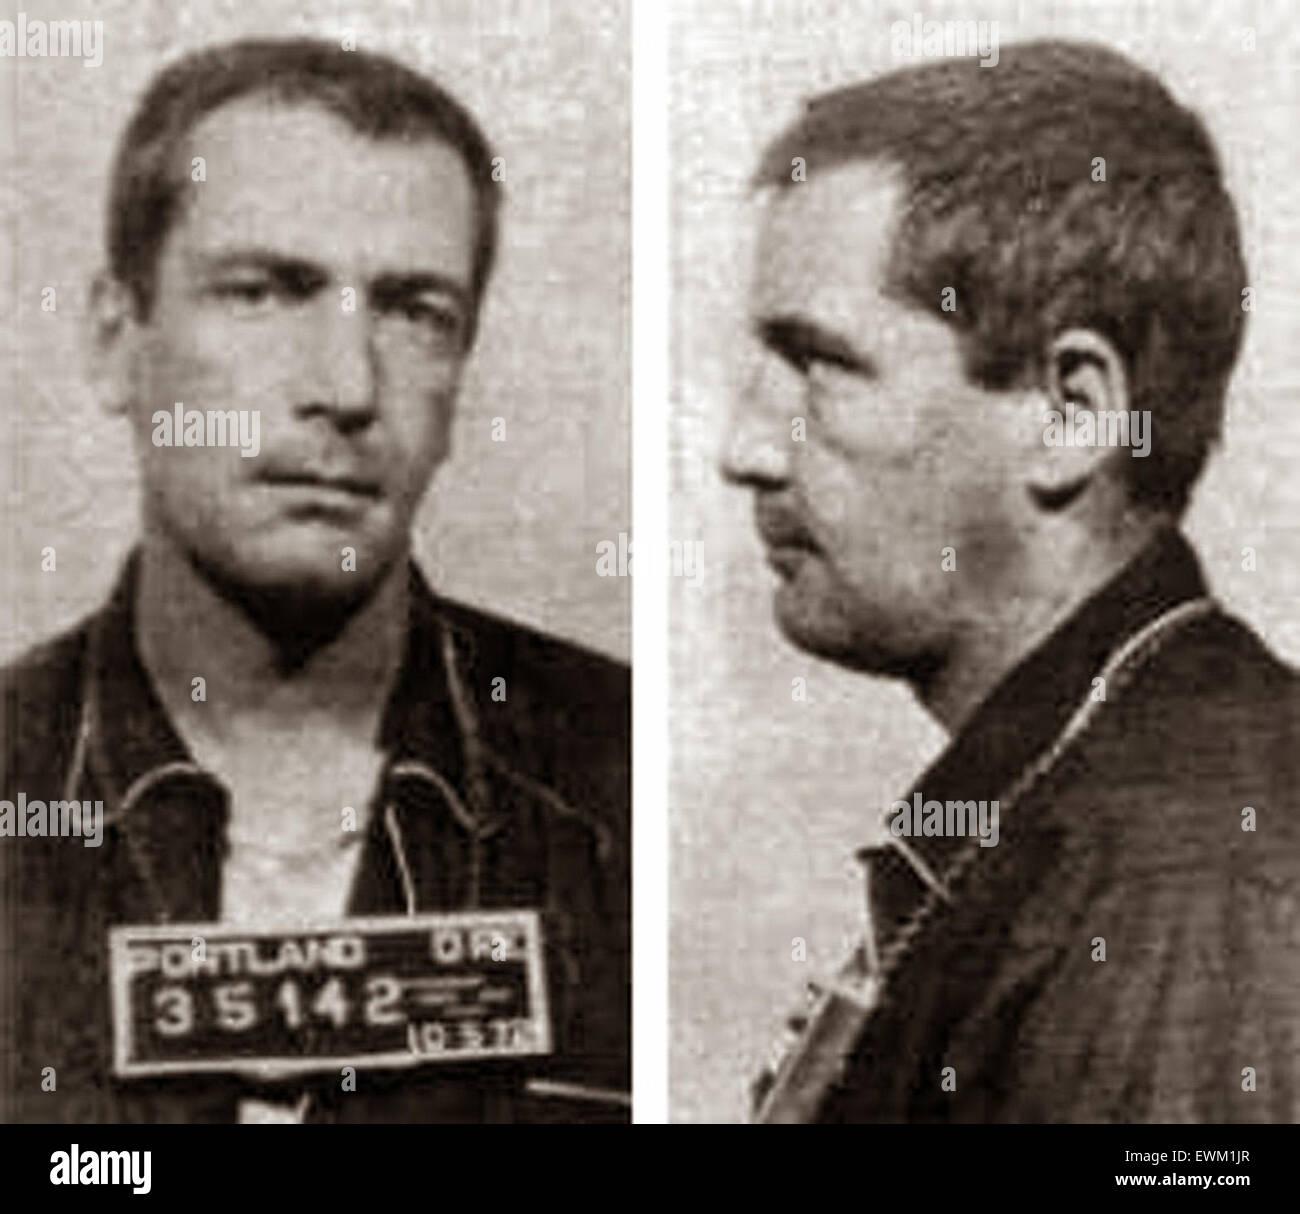 Gary Gilmore, American criminal, murderer - Stock Image